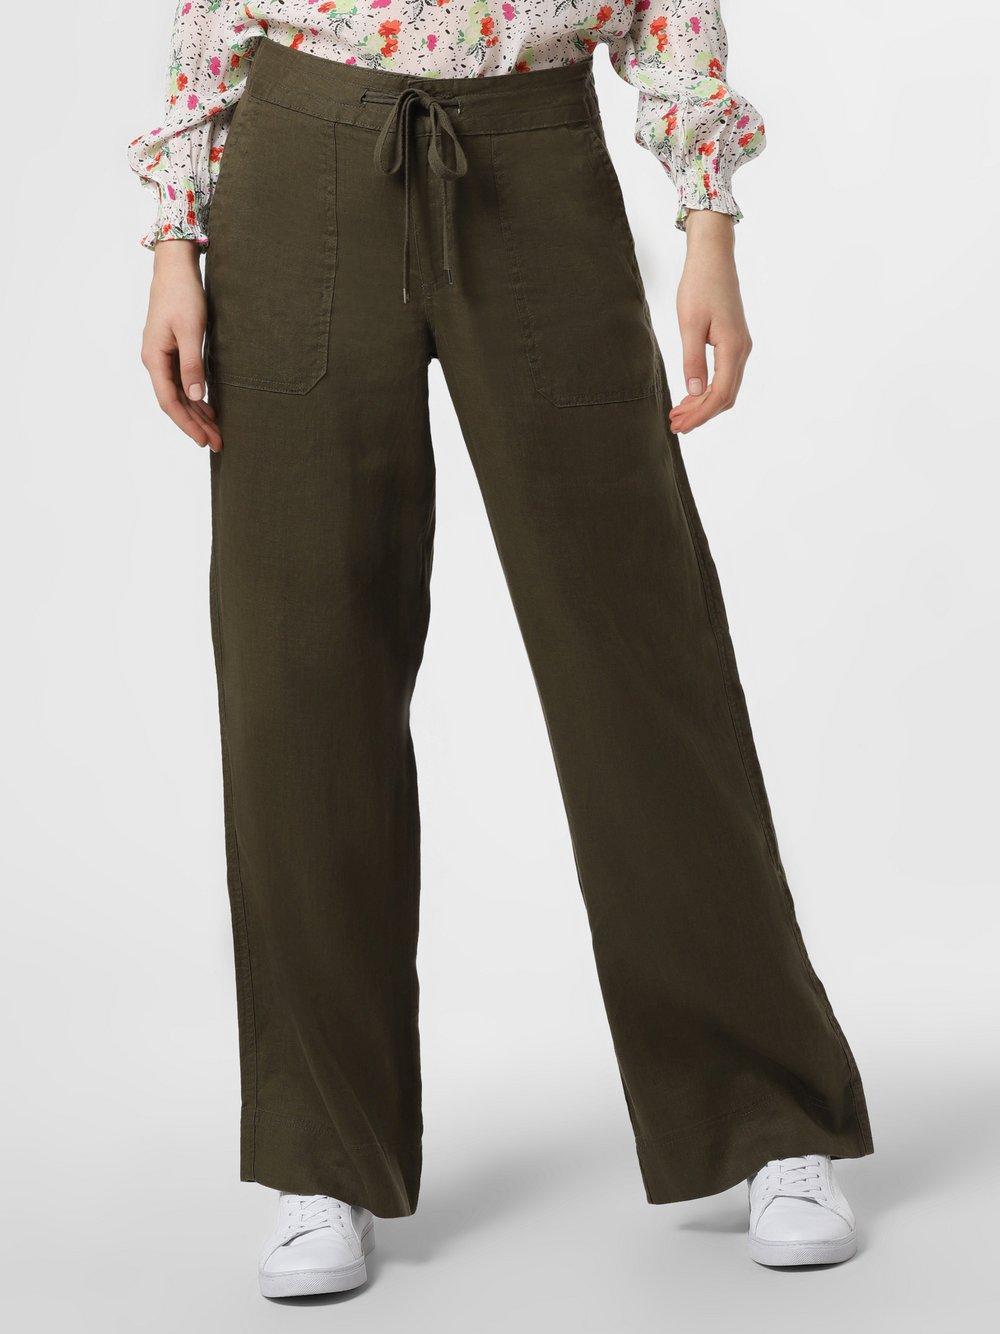 Lauren Ralph Lauren - Damskie spodnie lniane, beżowy